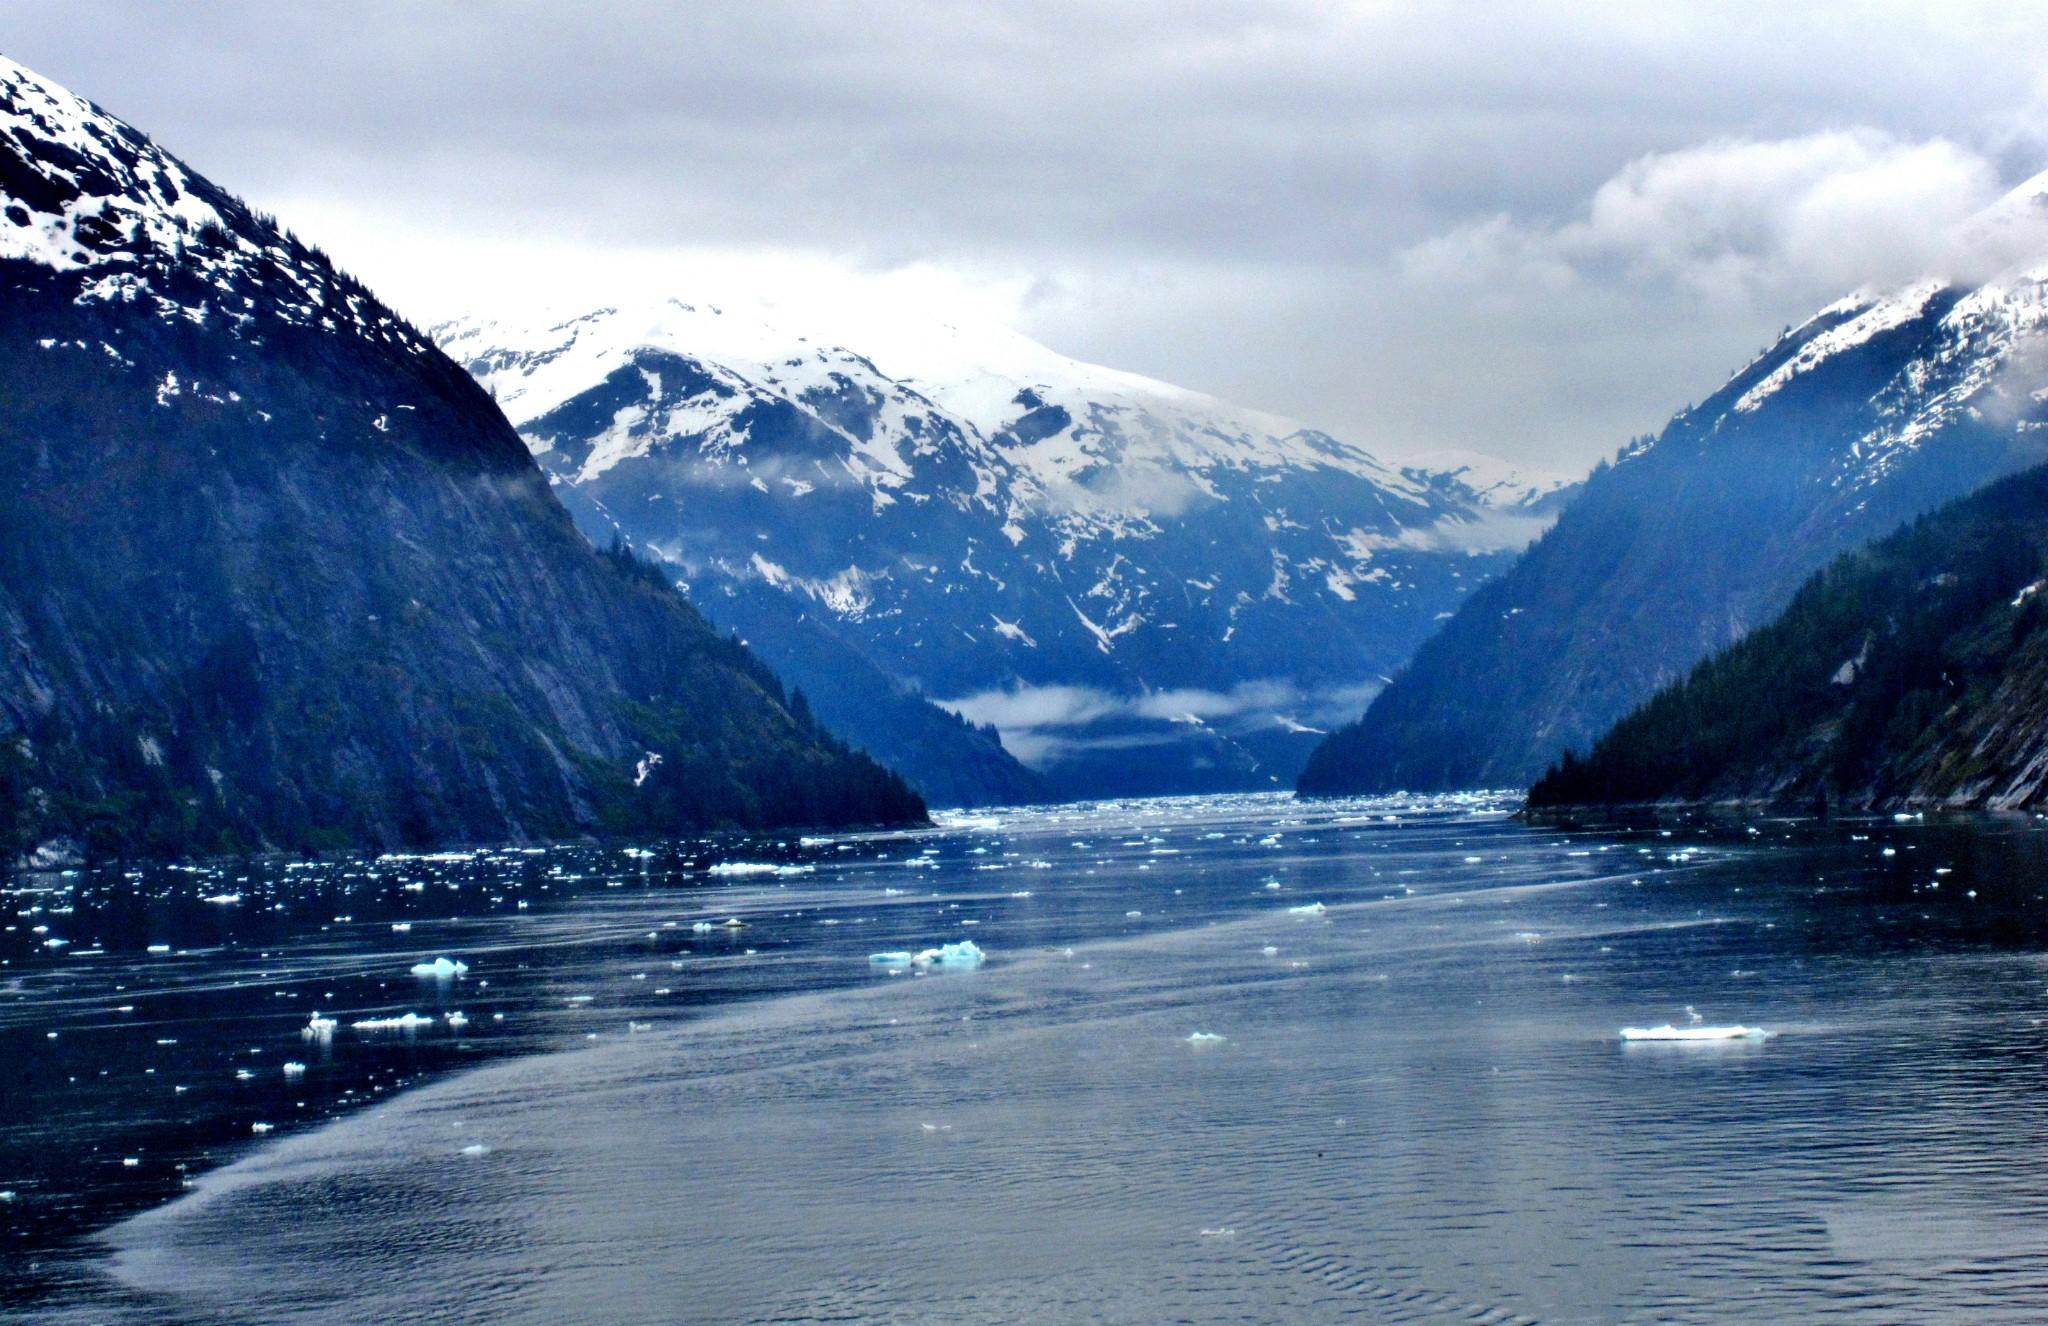 55 Alaska Wallpaper Screensaver